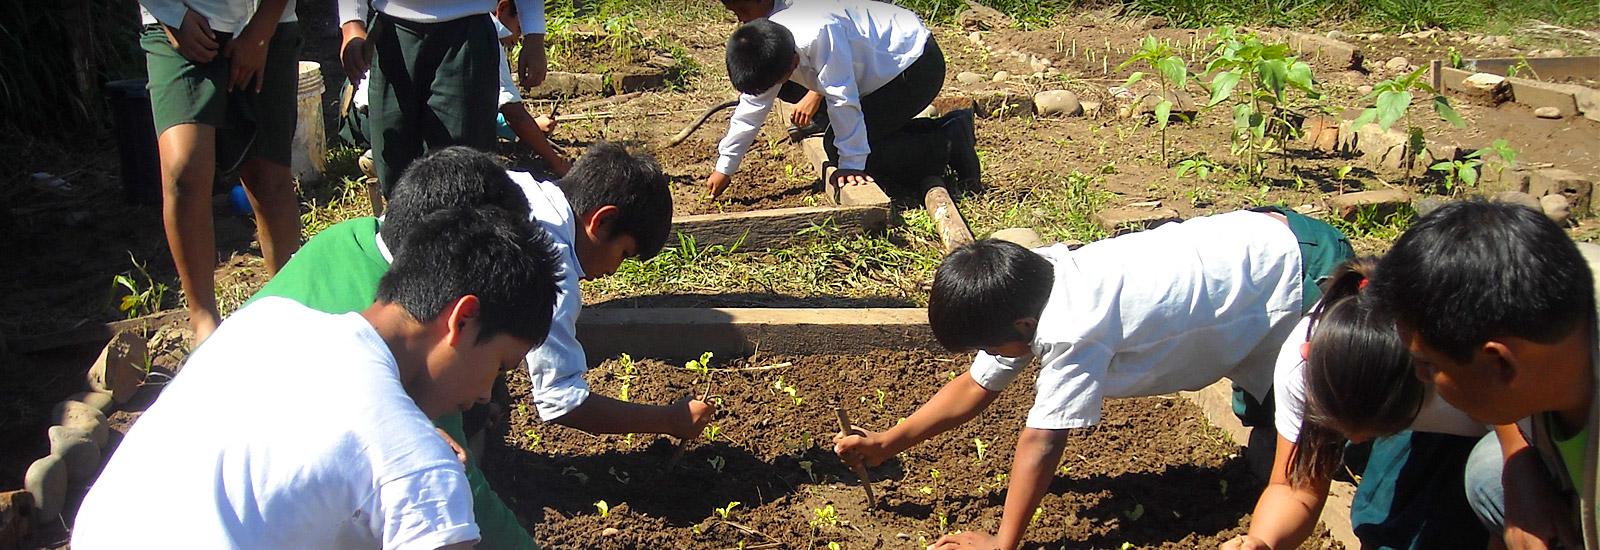 Schoolgardens Bolivia